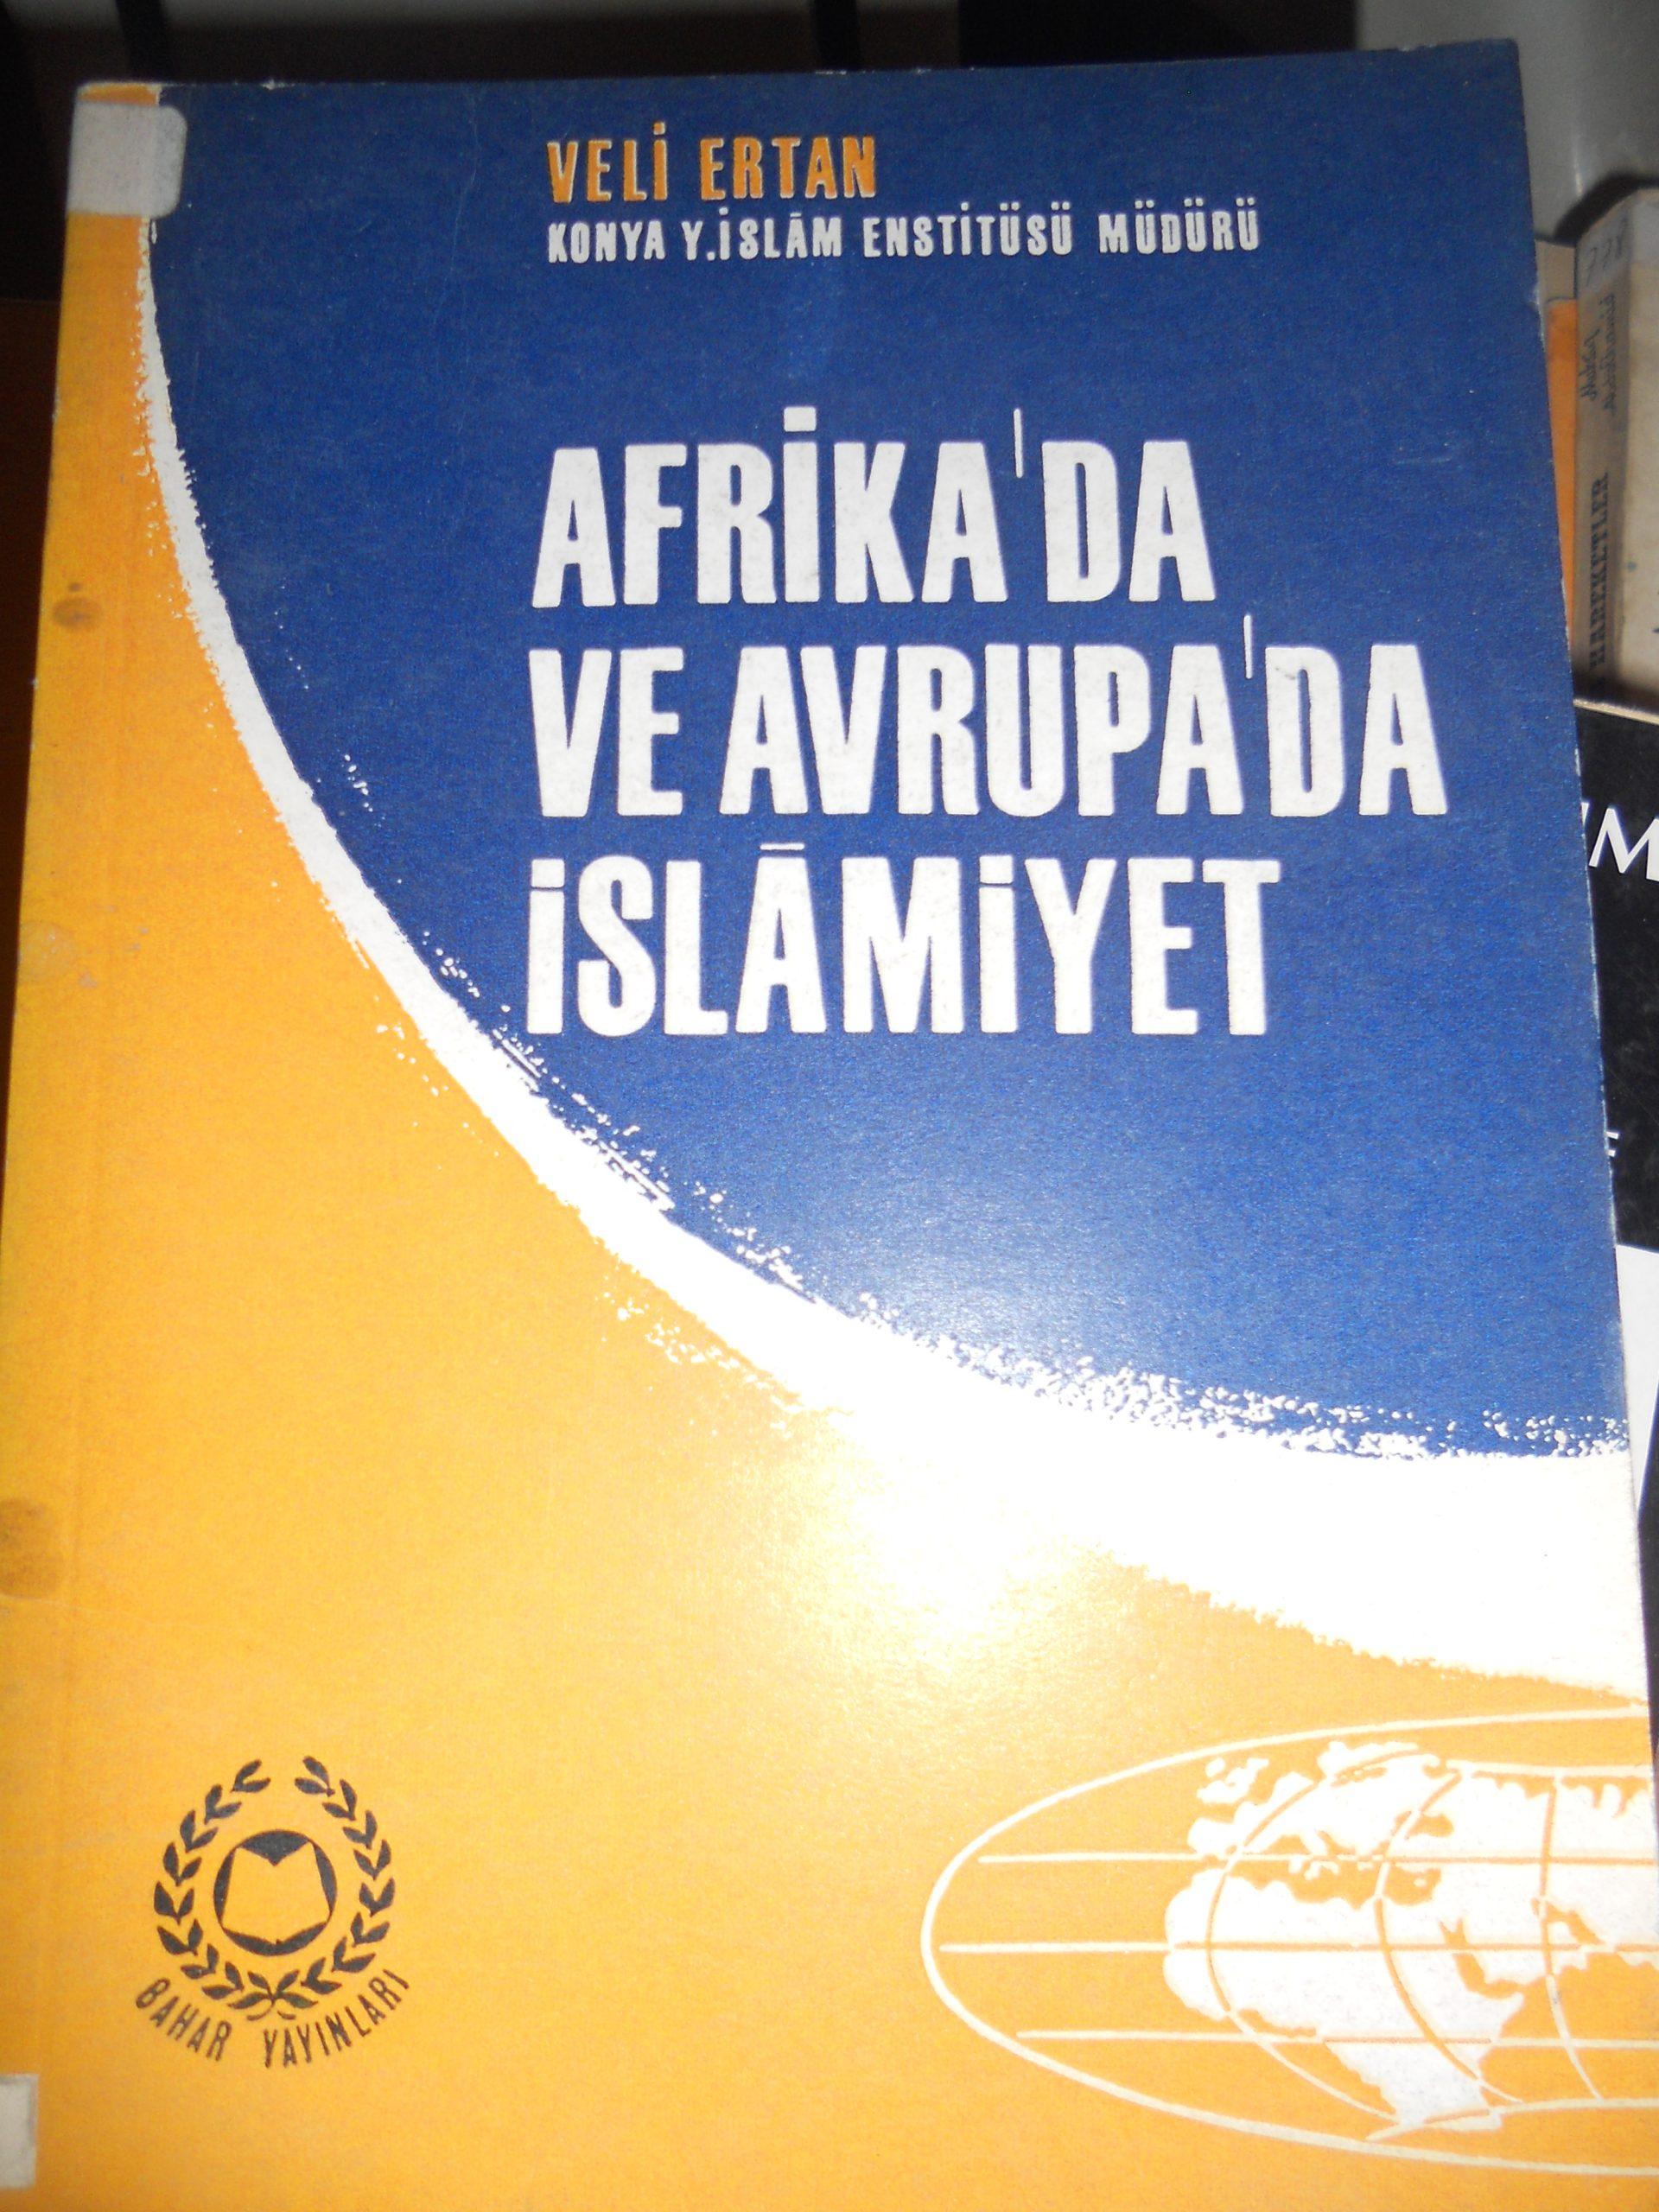 AFRİKA'DA VE AVRUPA'DA İSLAMİYET / Veli ERTAN/10 tl